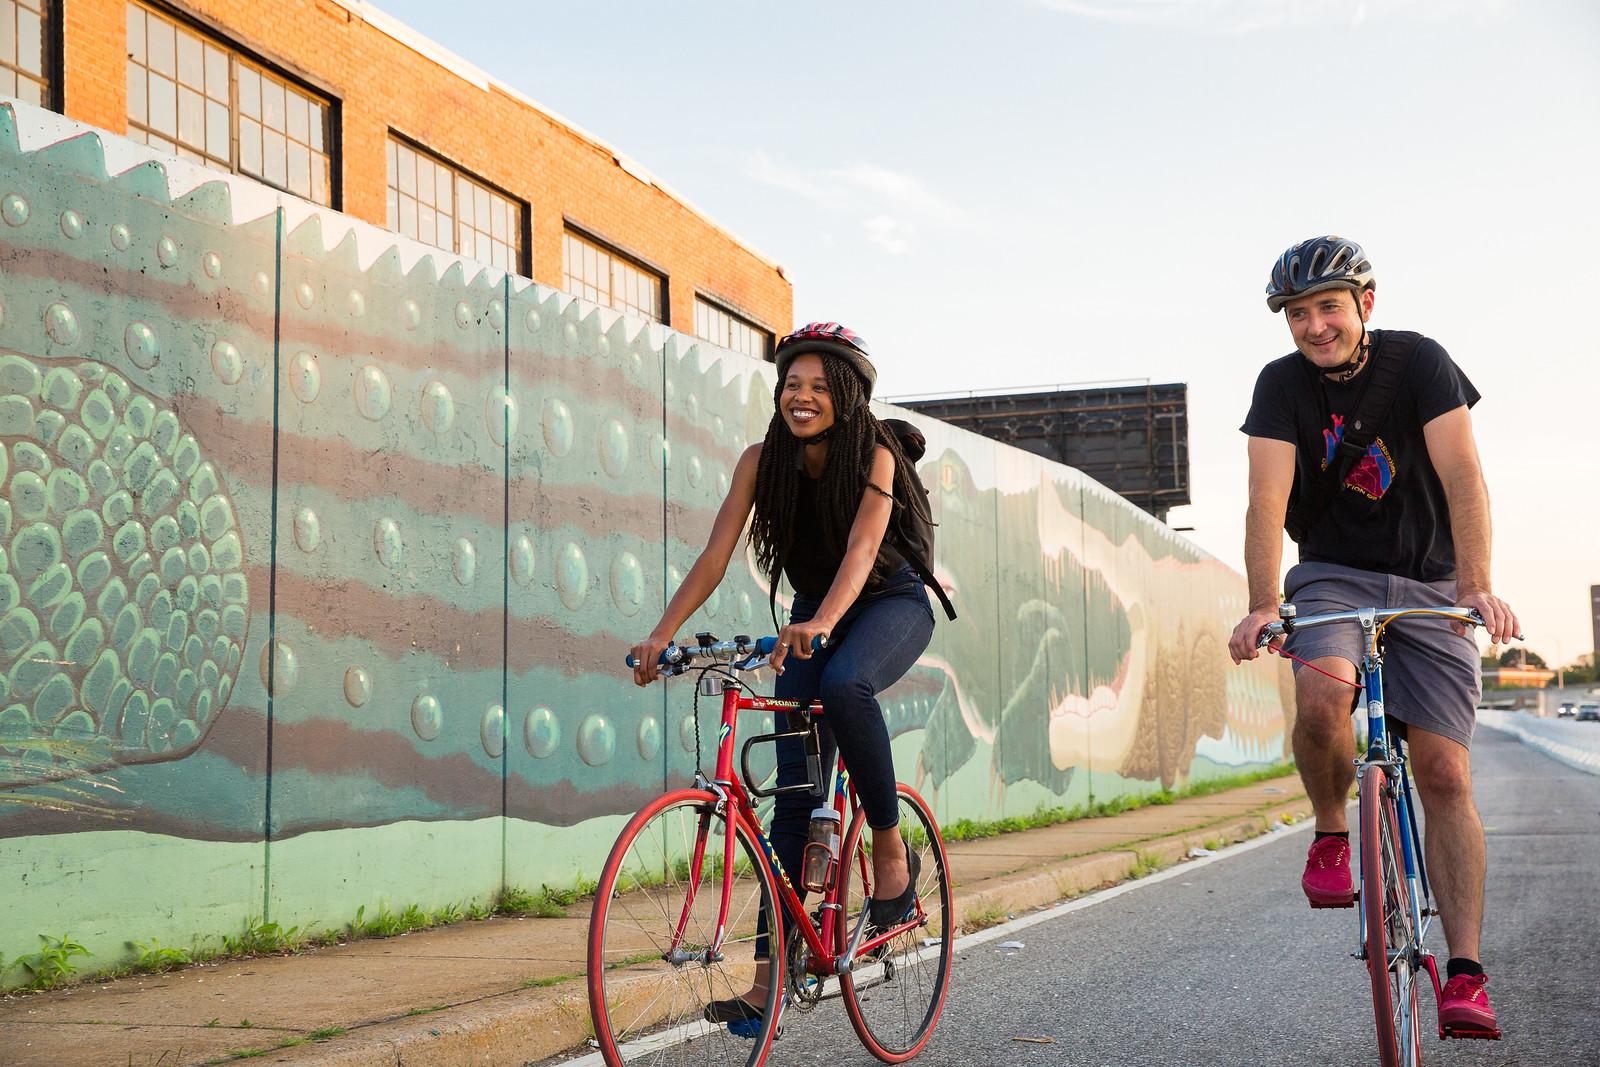 Man & woman biking in Baltimore